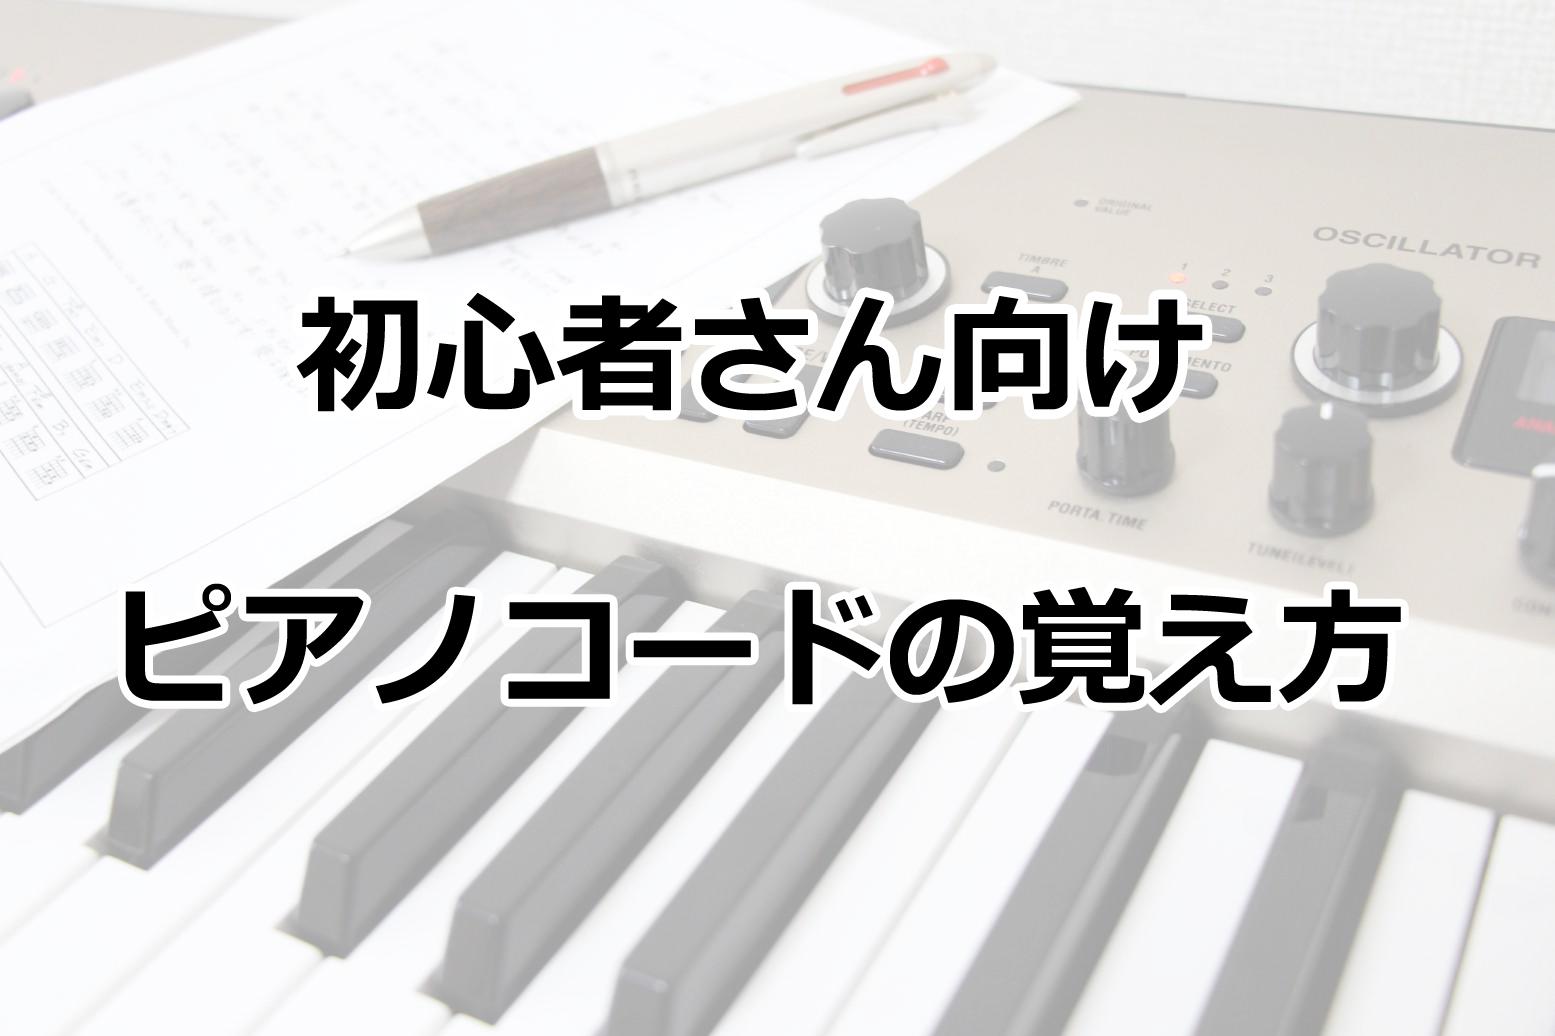 ピアノコードの簡単な覚え方と練習法【解説画像・動画付き】